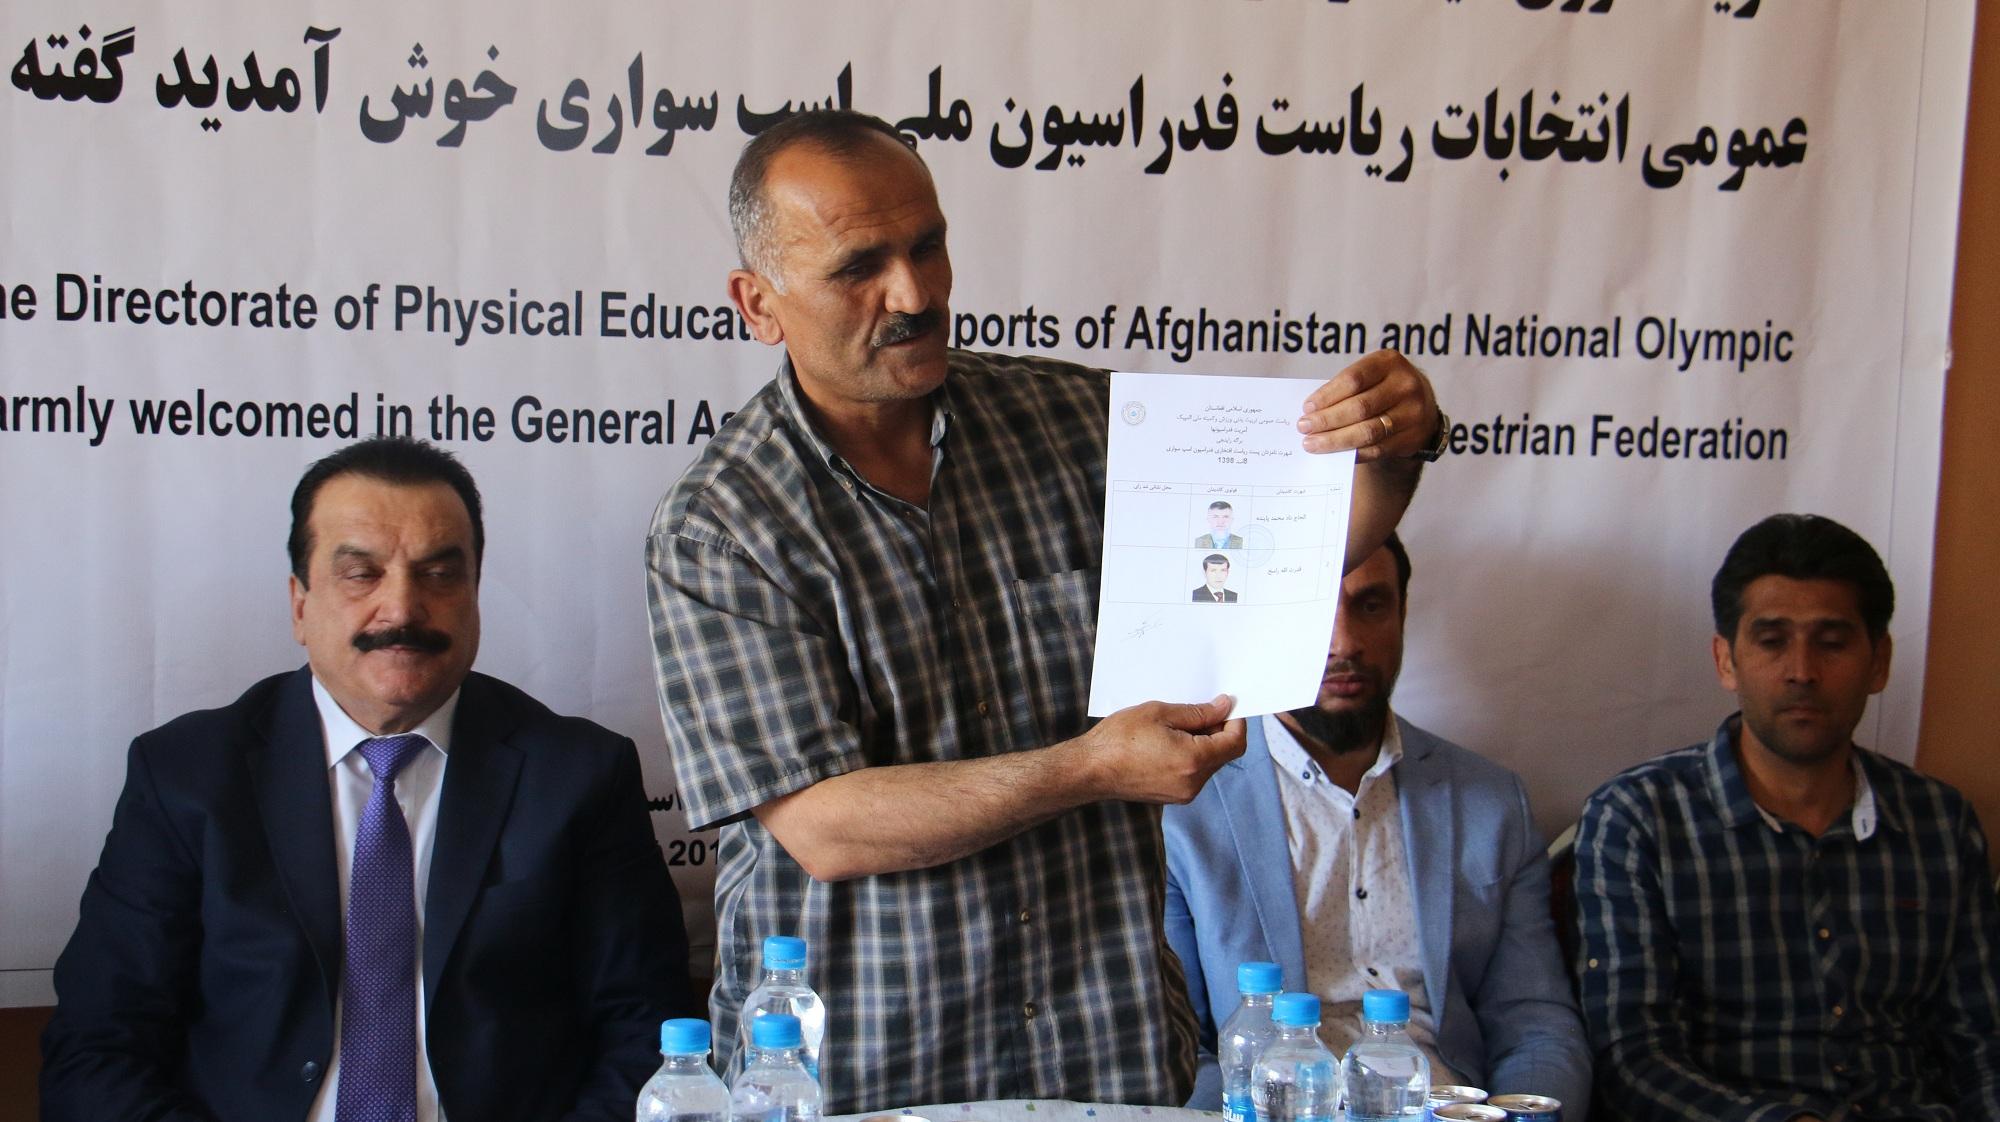 داد محمد پاینده اختری به حیث رییس فدراسیون اسب سواری برگزیده شد .